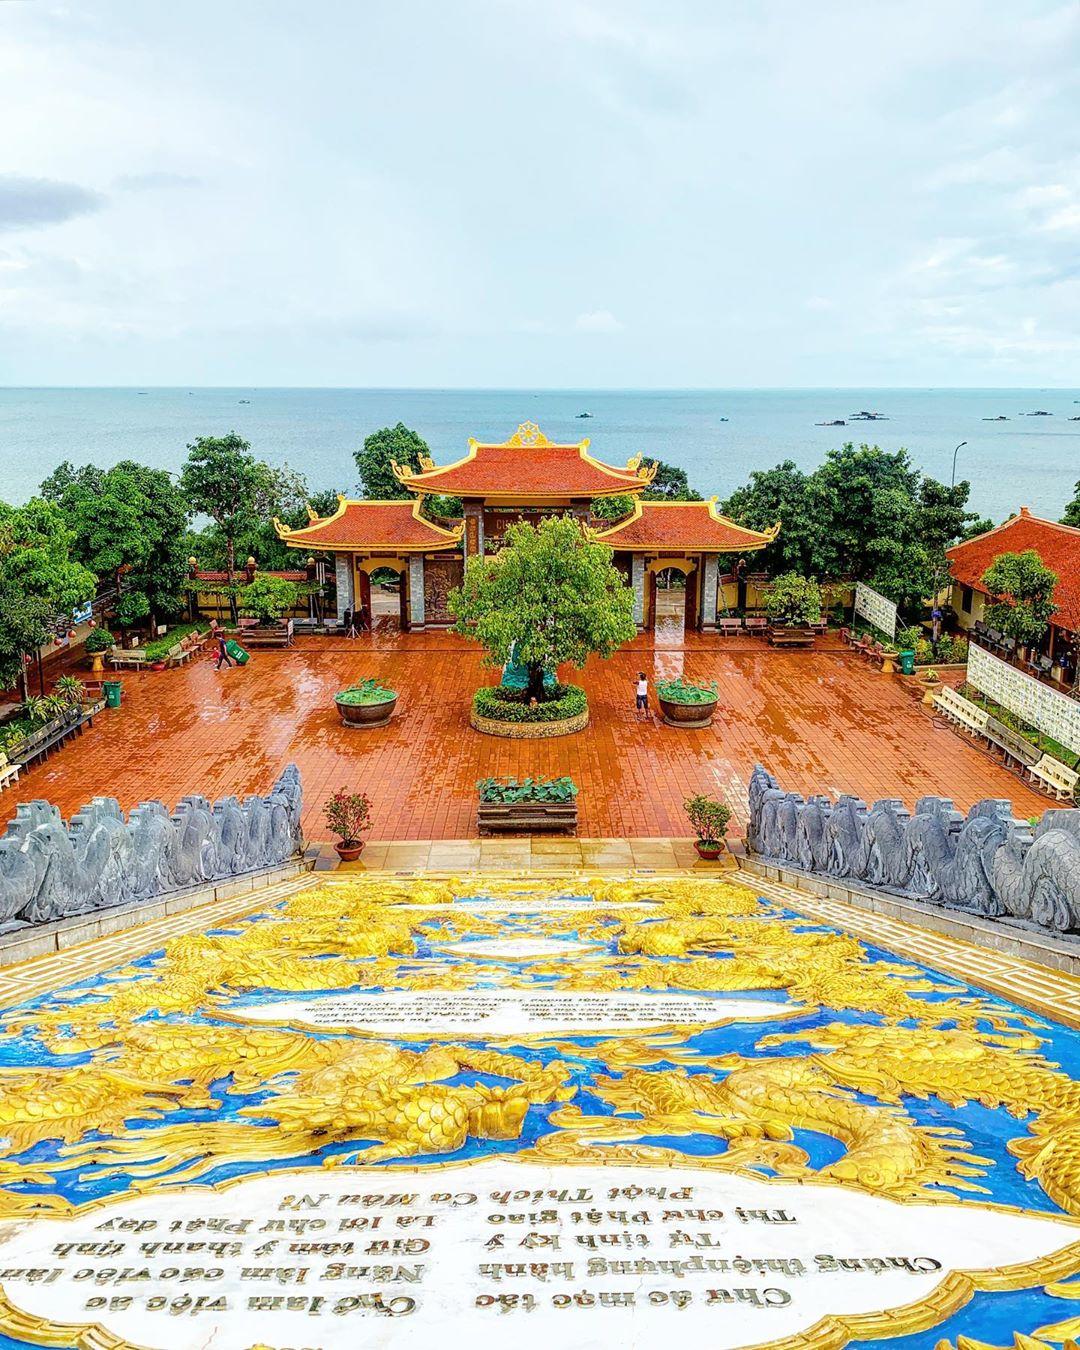 Tour du lịch Phú Quốc giá rẻ từ Hà Nội: Du ngoạn thiên đường biển đảo chỉ từ 1,2 triệu đồng - Ảnh 14.